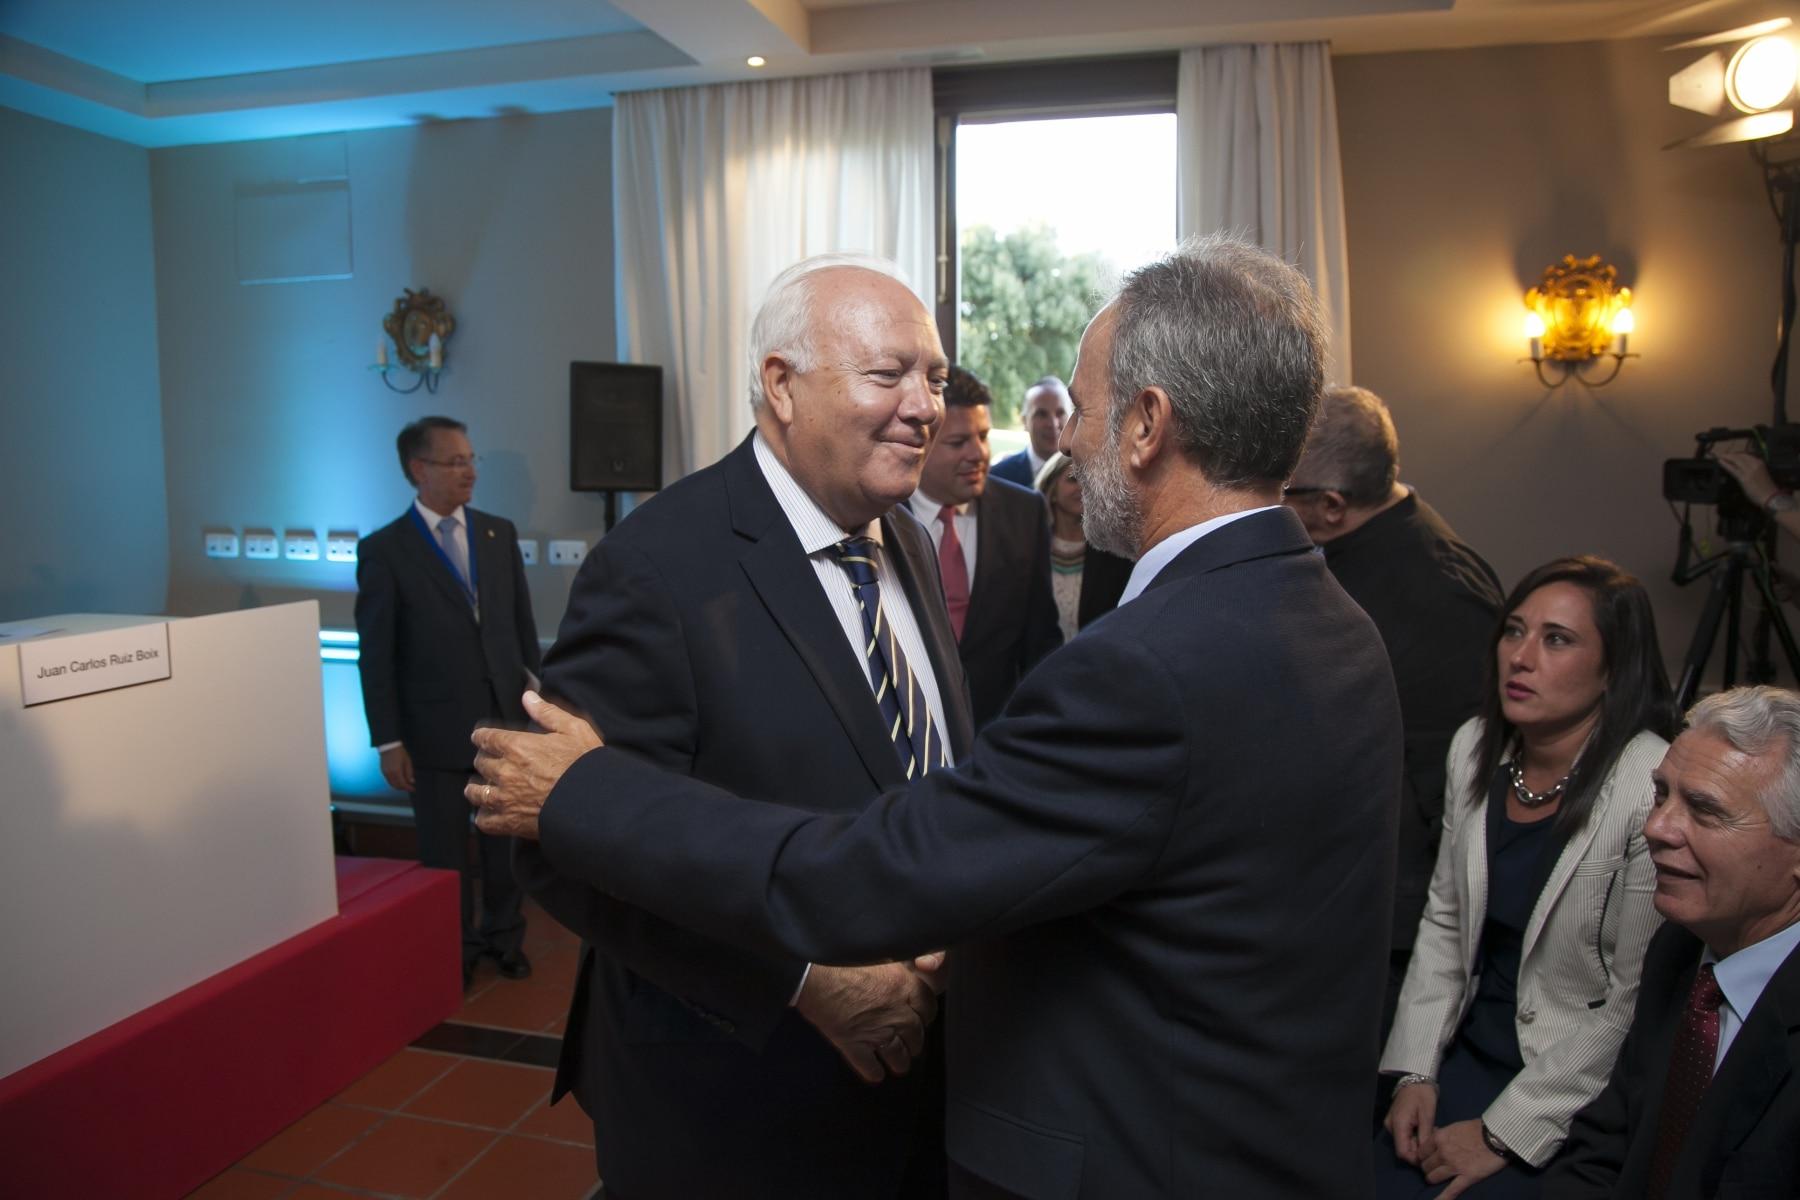 el-exministro-de-asuntos-exteriores-miguel-ngel-moratinos-i-saluda-al-diputado-socialista-salvador-de-la-encina_21432496621_o